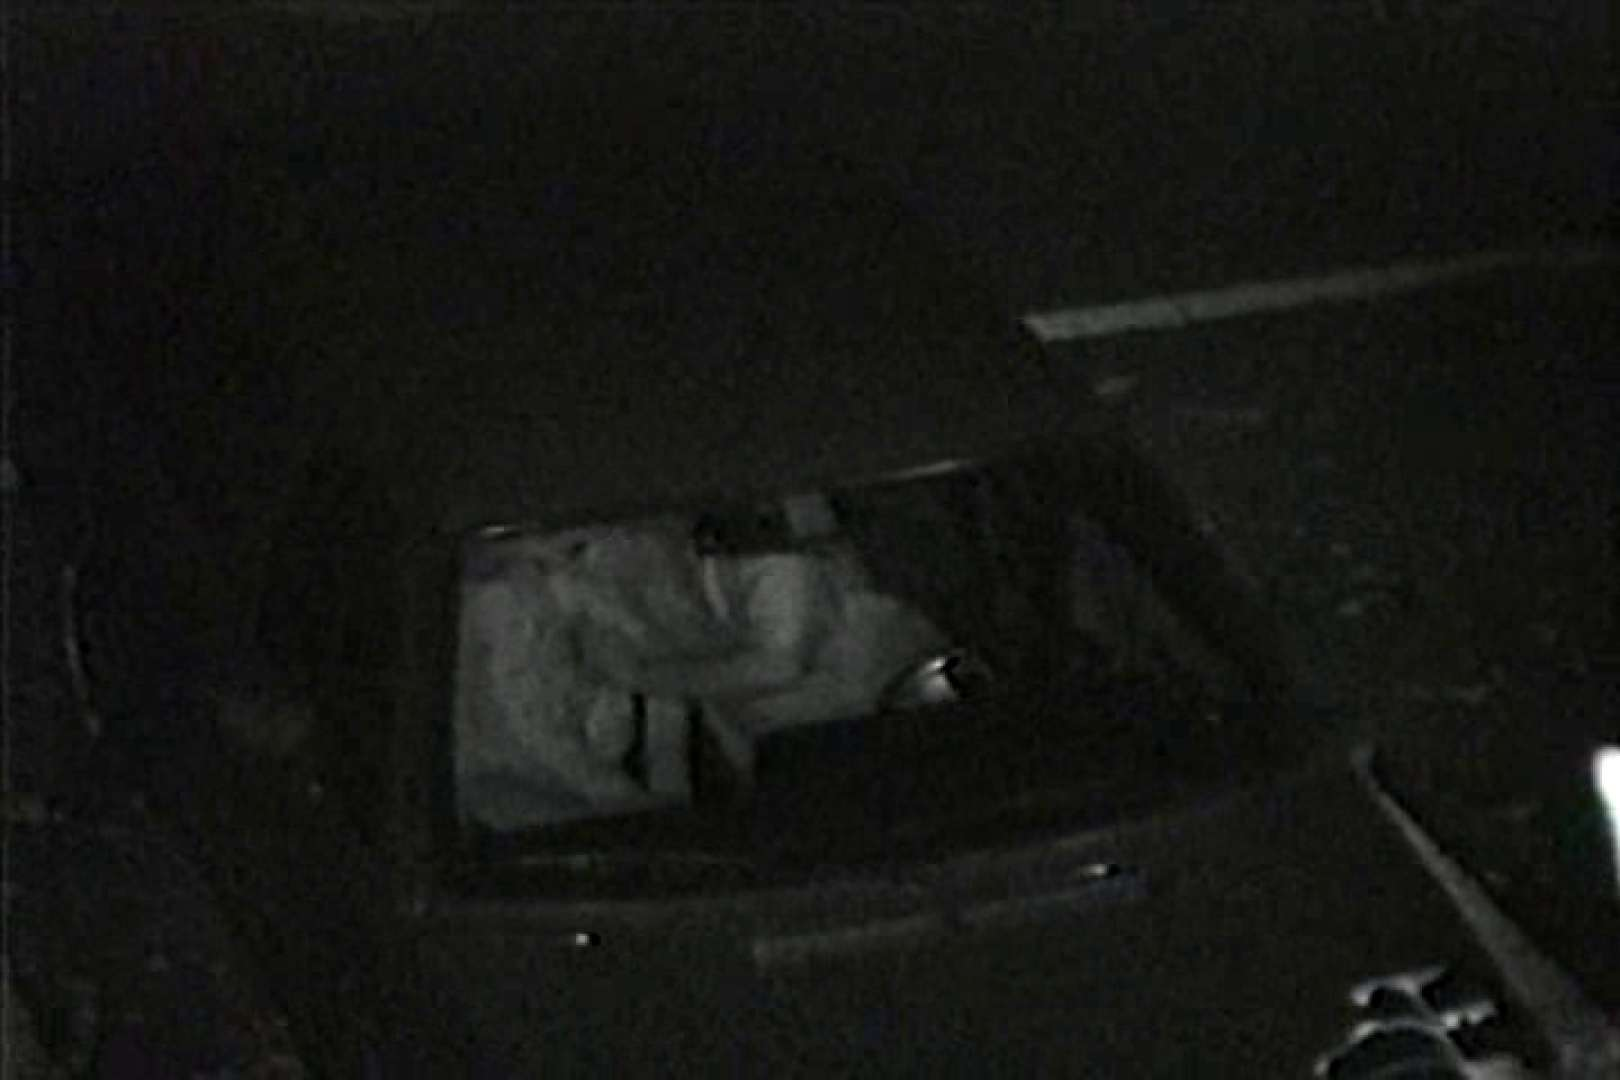 車の中はラブホテル 無修正版  Vol.7 人気シリーズ 覗きおまんこ画像 84pic 30